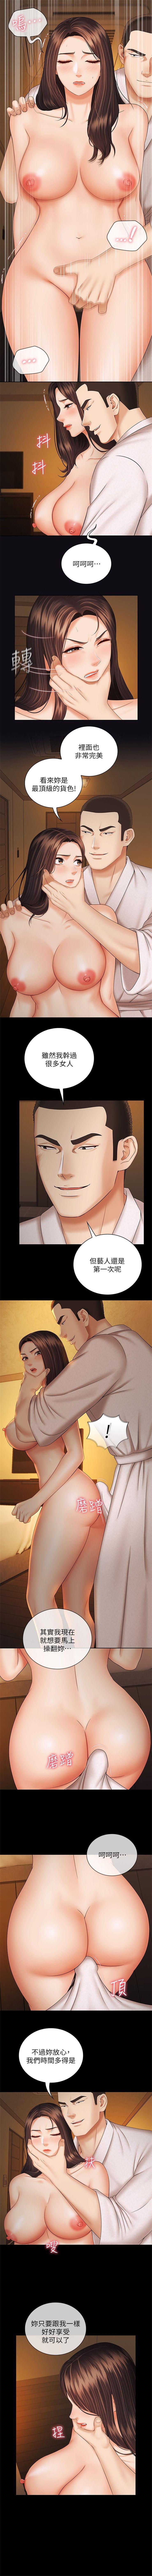 妹妹的義務 1-37 官方中文(連載中) 289